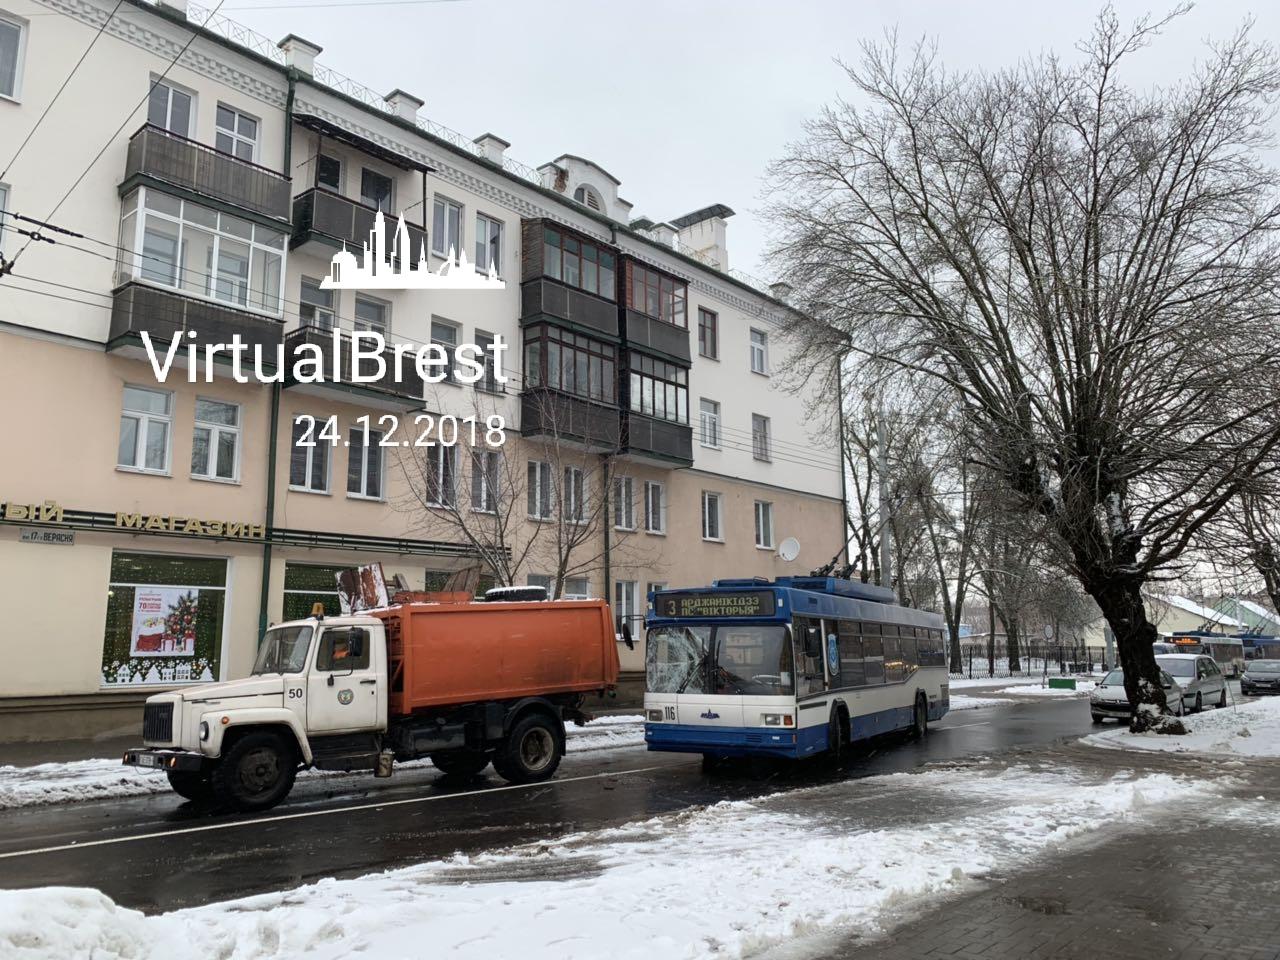 На ул. 17 Сентября сегодня, 24 декабря, столкнулись троллейбус и мусоровоз